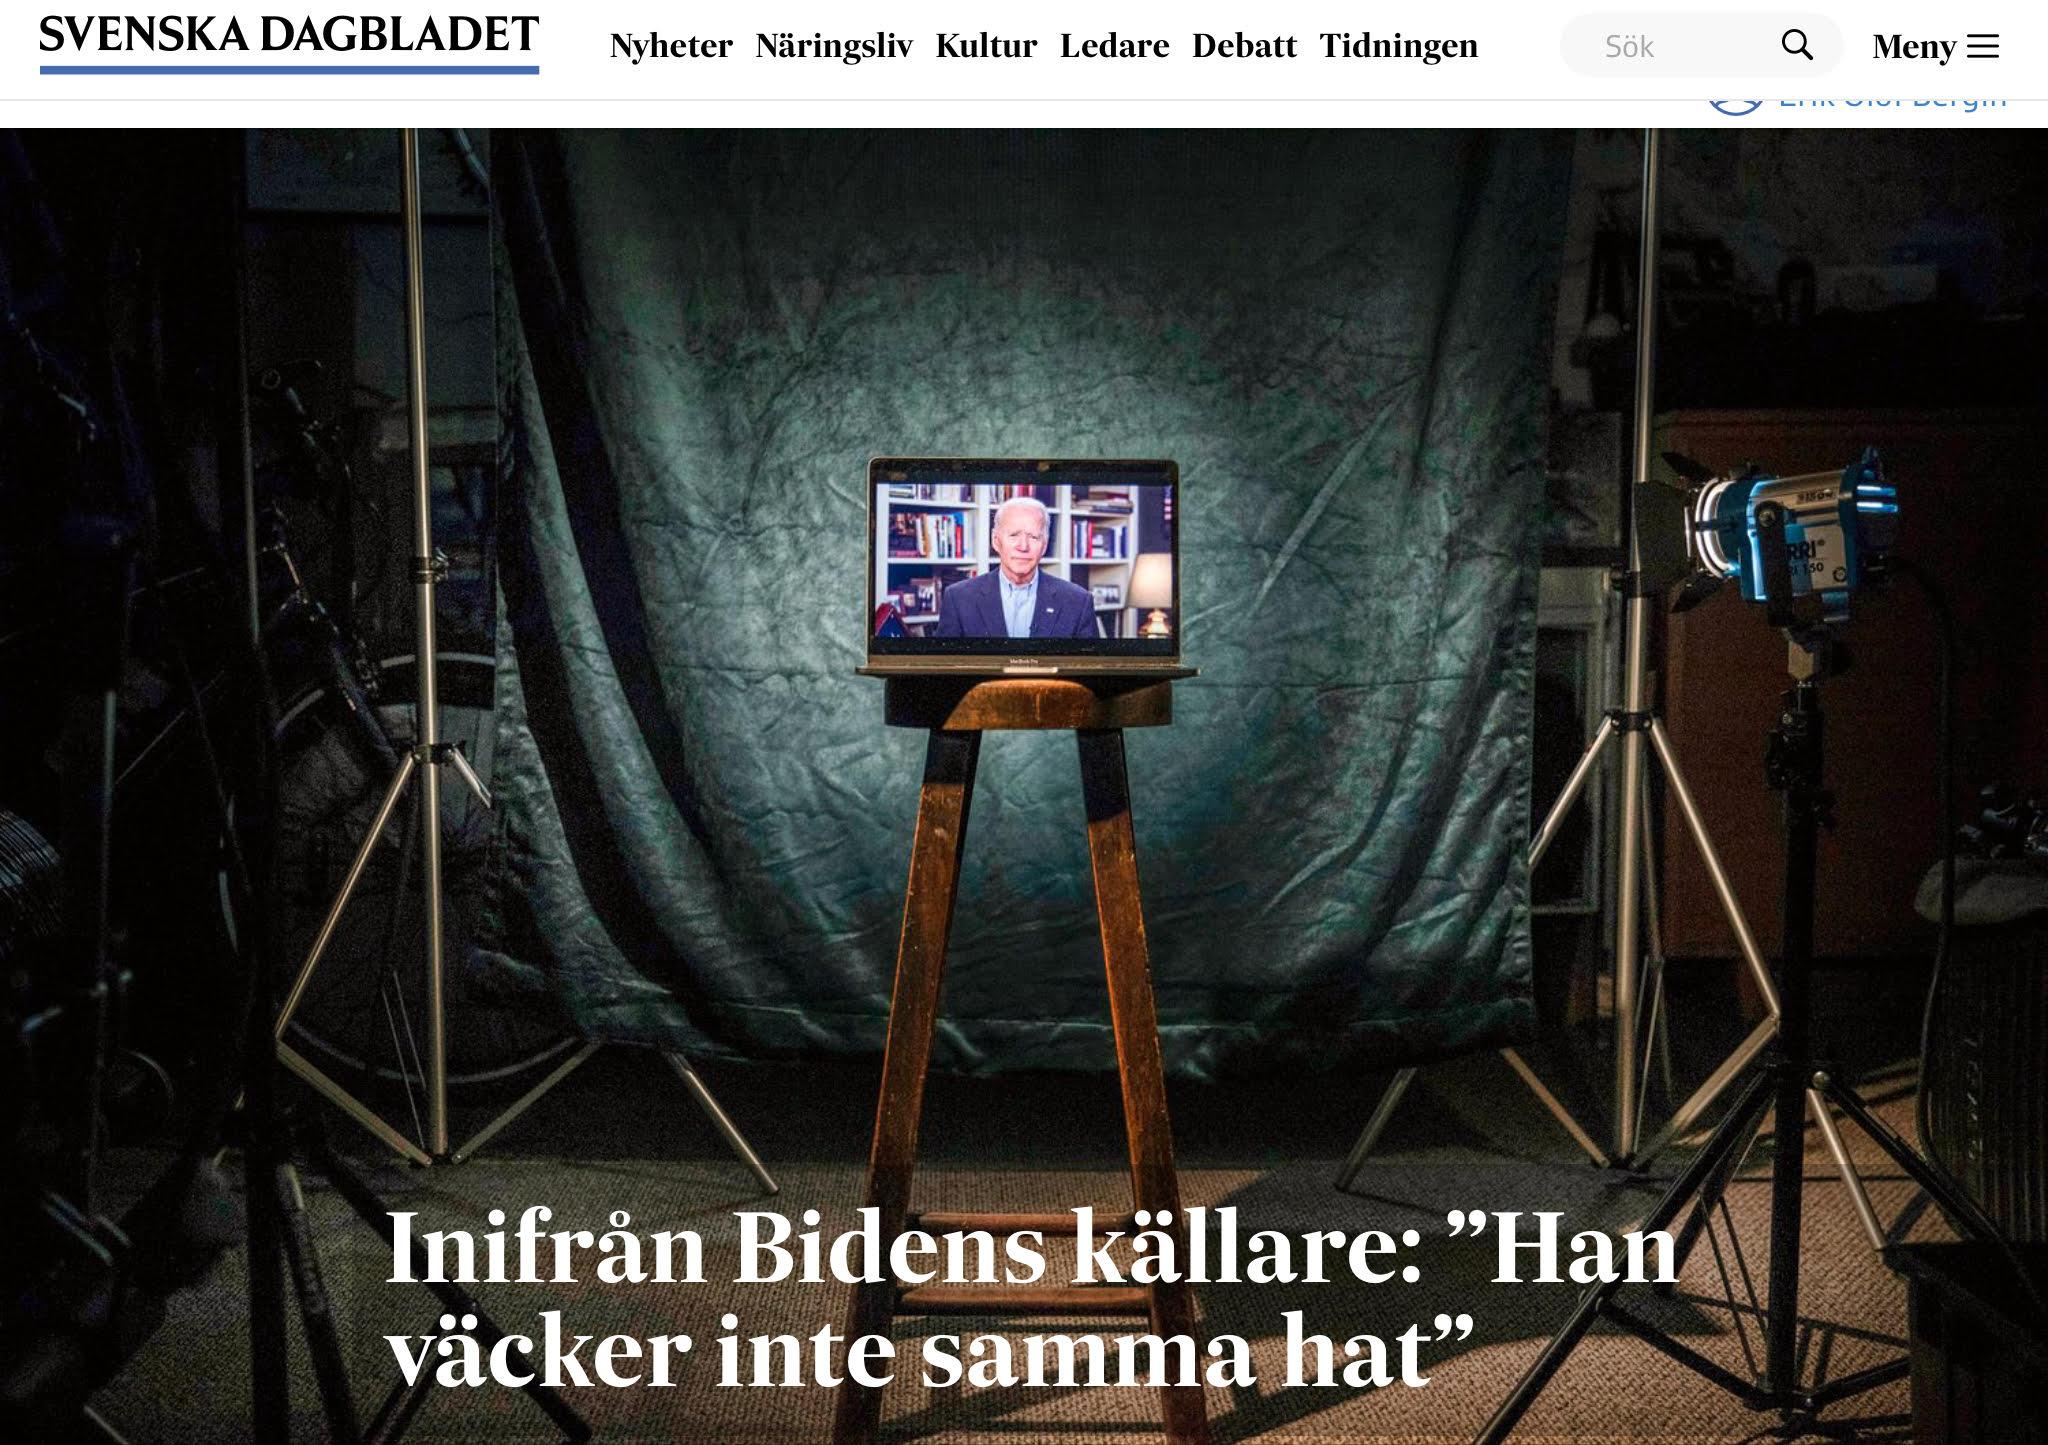 biden-cellar-svd-webb.jpg